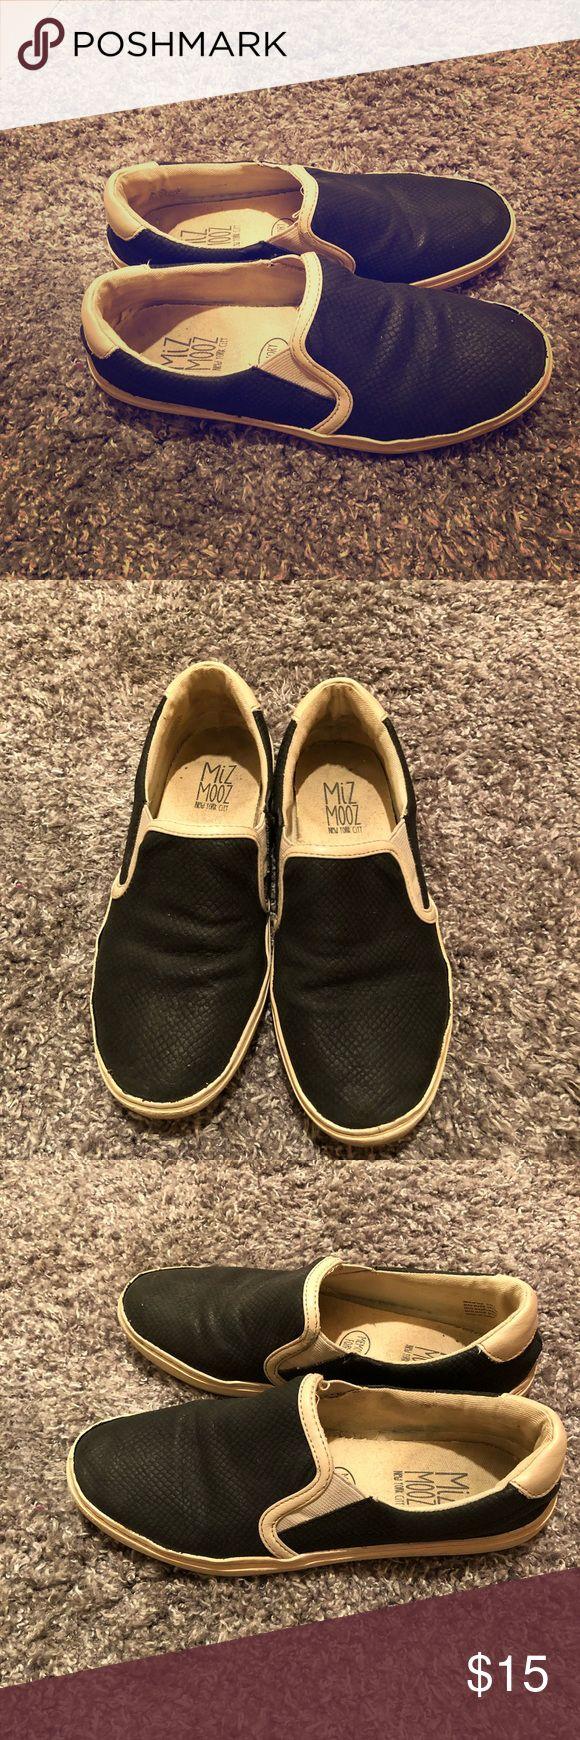 Mix Mooz Memory Foam Sneakers Miz Mooz memory foam sneakers, size 7. Used condition. Miz Mooz Shoes Sneakers